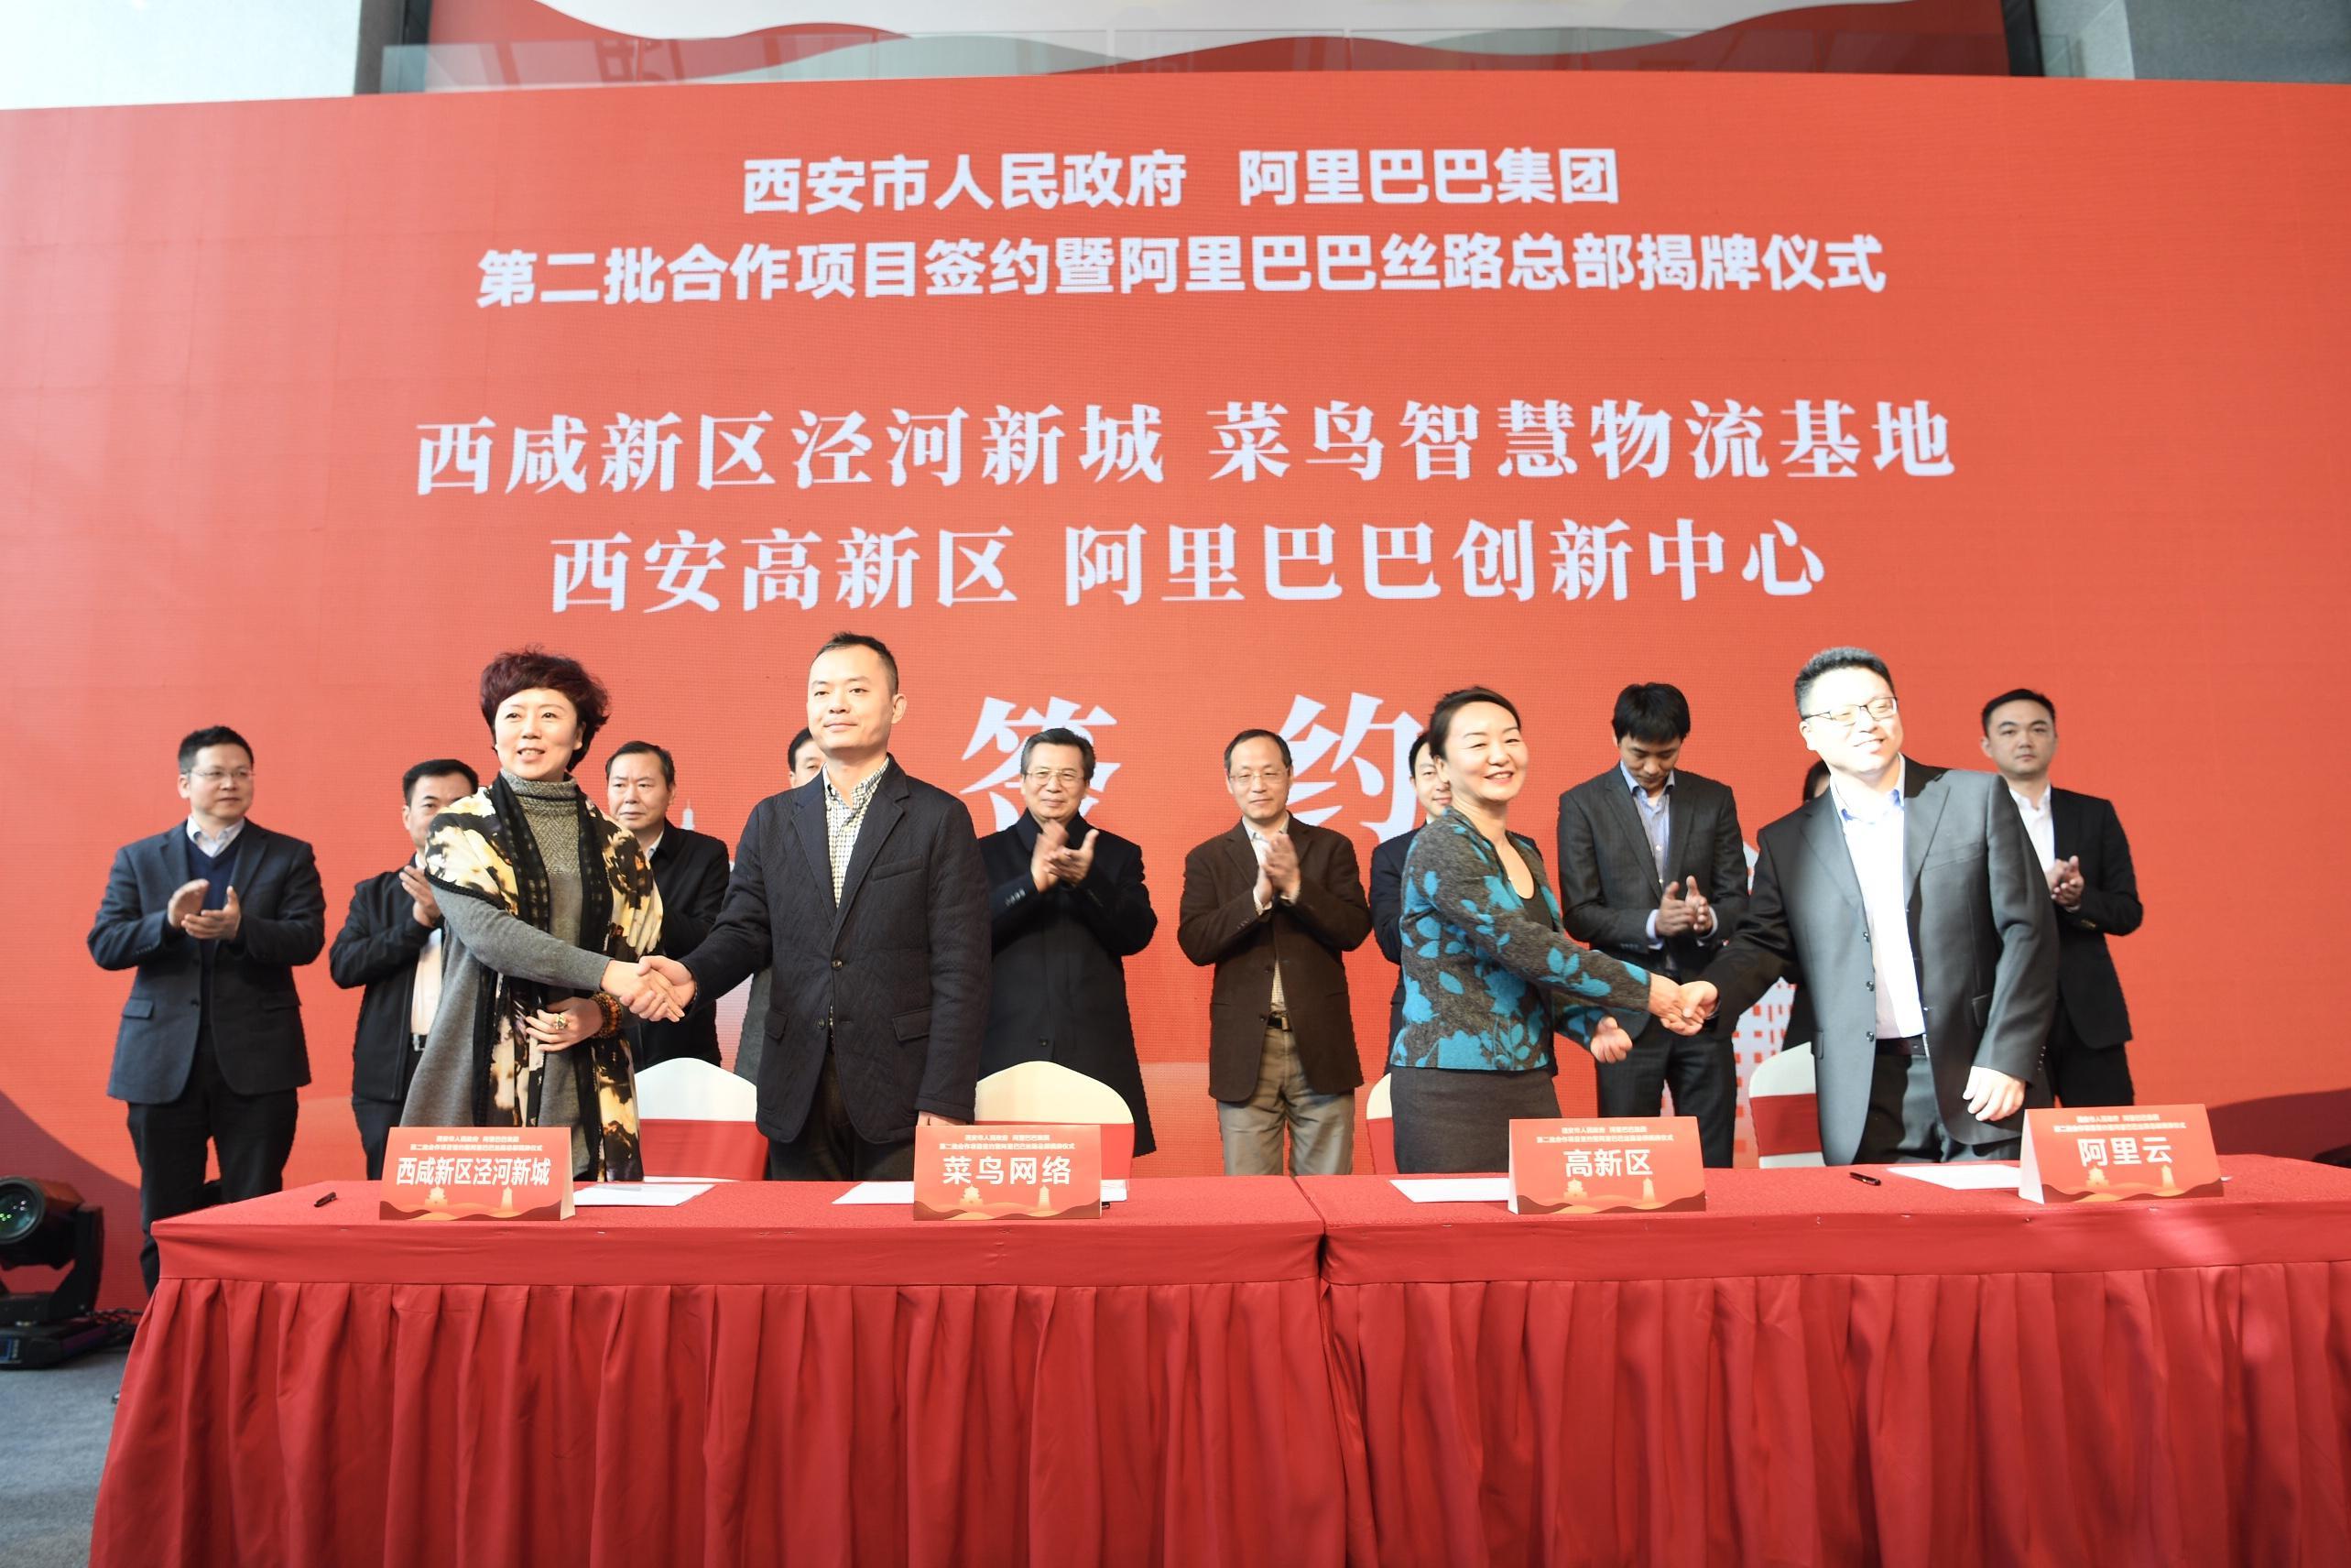 菜鸟与西安市签约 将投入10亿建设西北智慧物流中心